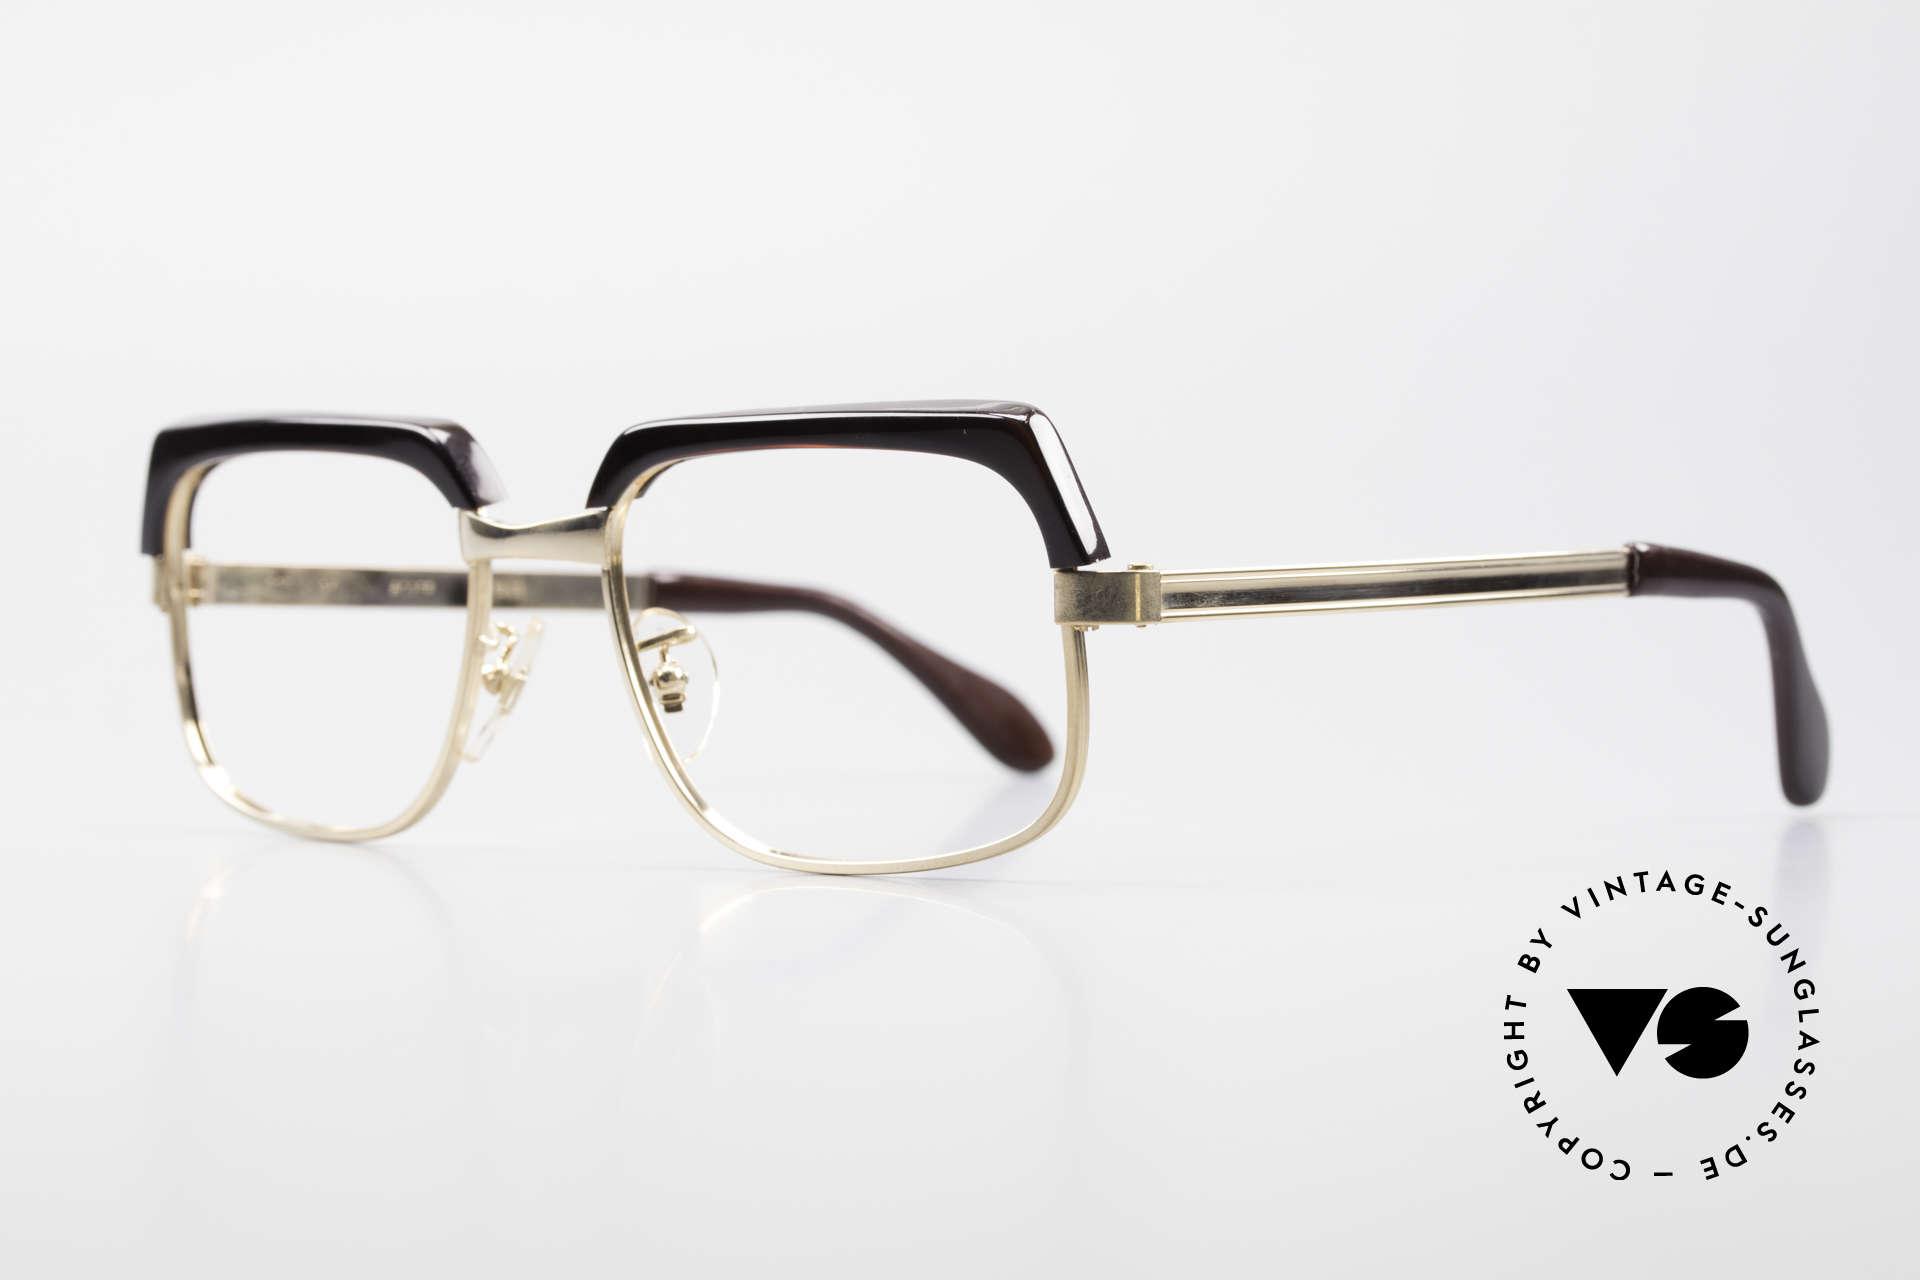 Selecta - Dalai Lama Gold Filled Kombibrille 70er, Gold-Filled Rahmen im Mischverhältnis 1/25 12kt, karat, Passend für Herren